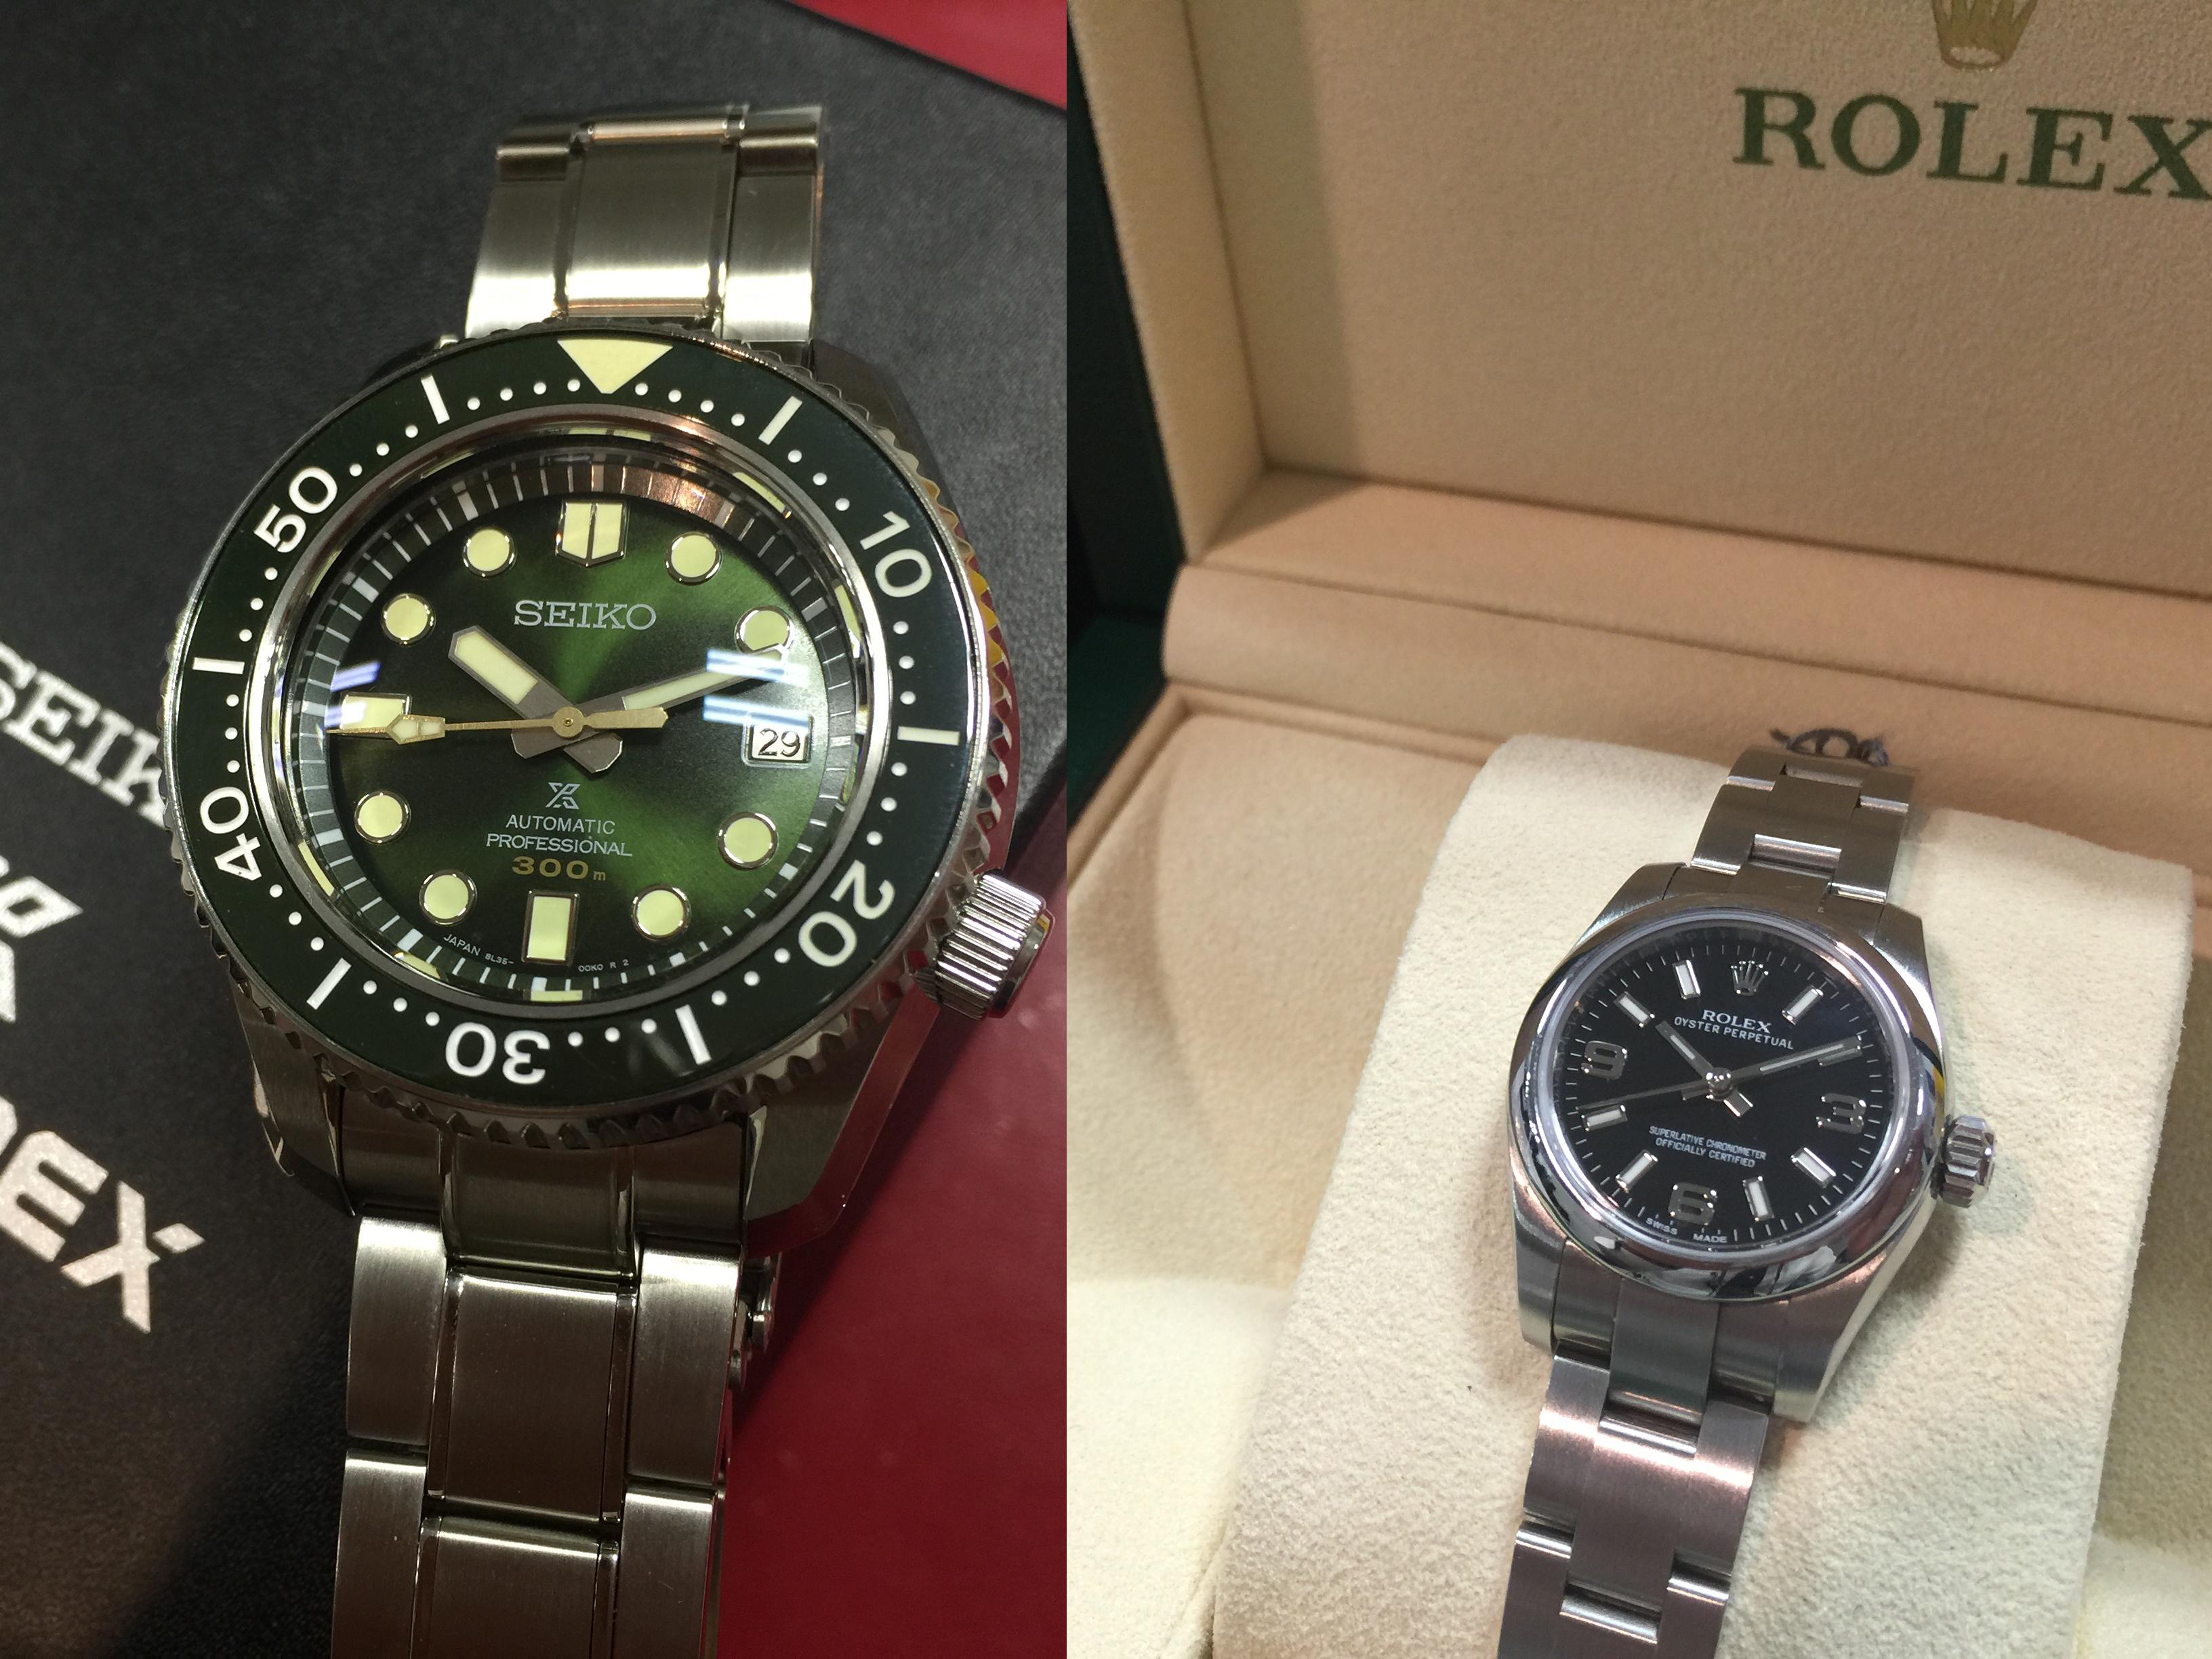 ロレックス ROLEX オイスターパーペチュアル 176200 , SEIKO メカニカルダイバーズ50周年 SBDX021